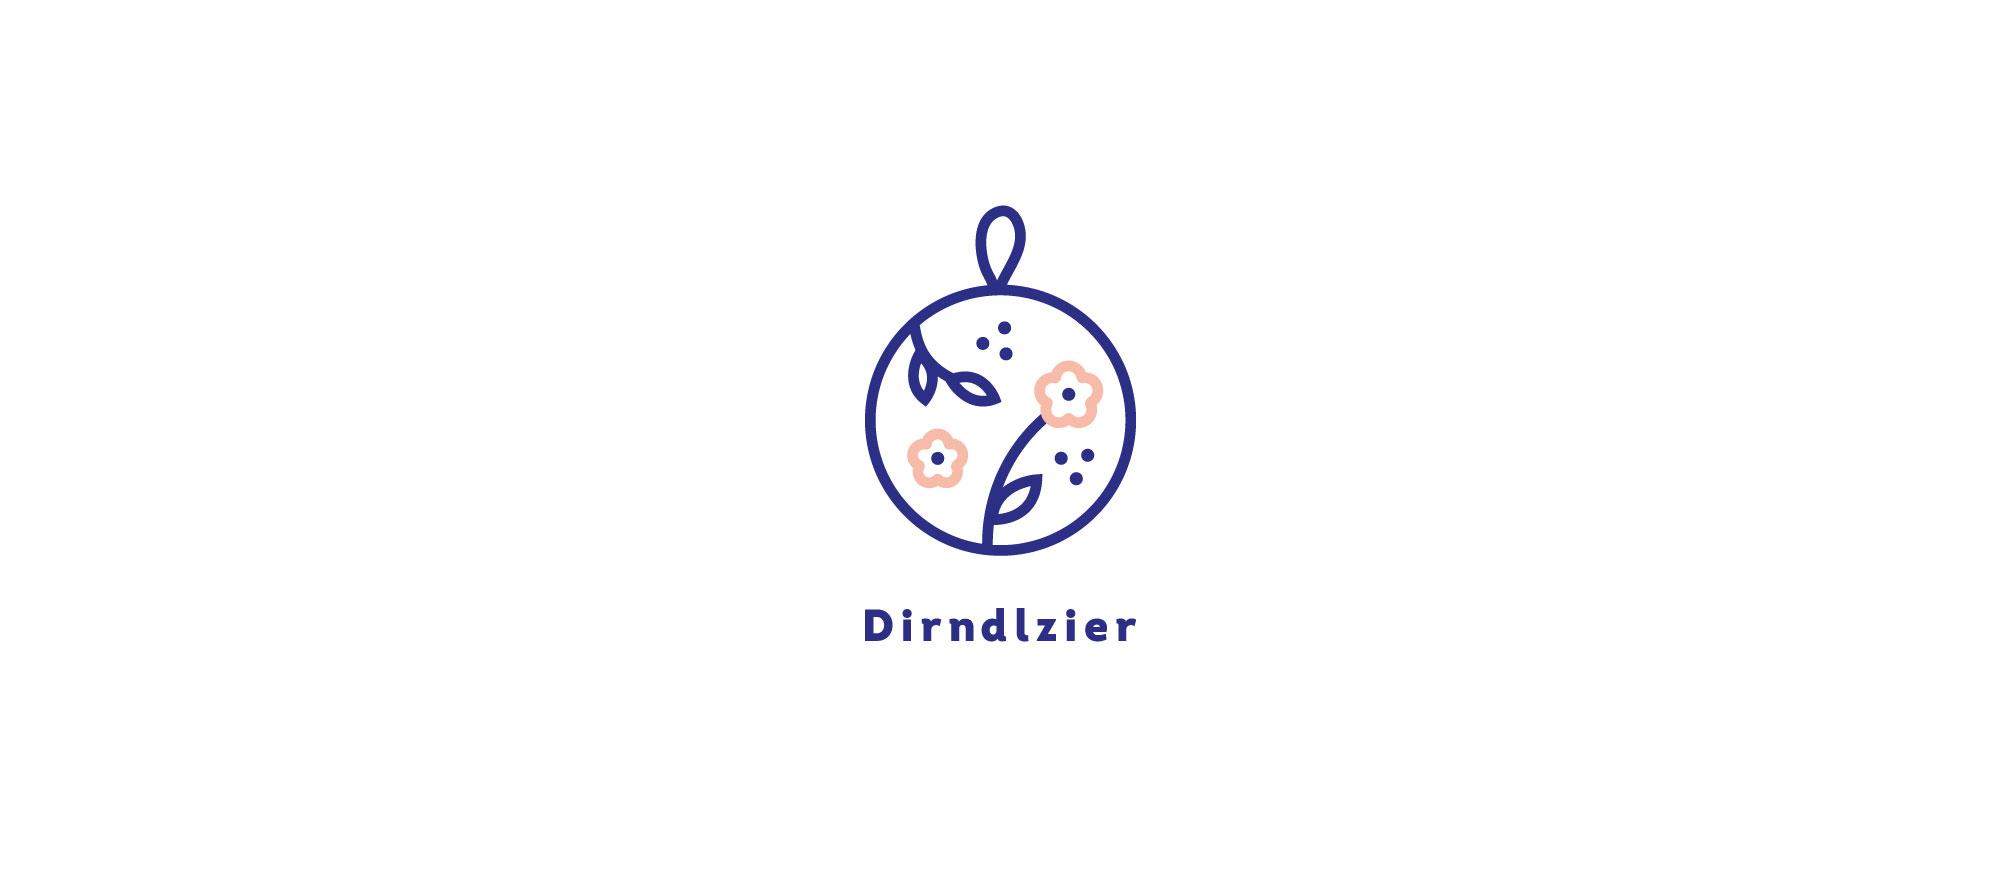 dirndlzier_logo_01